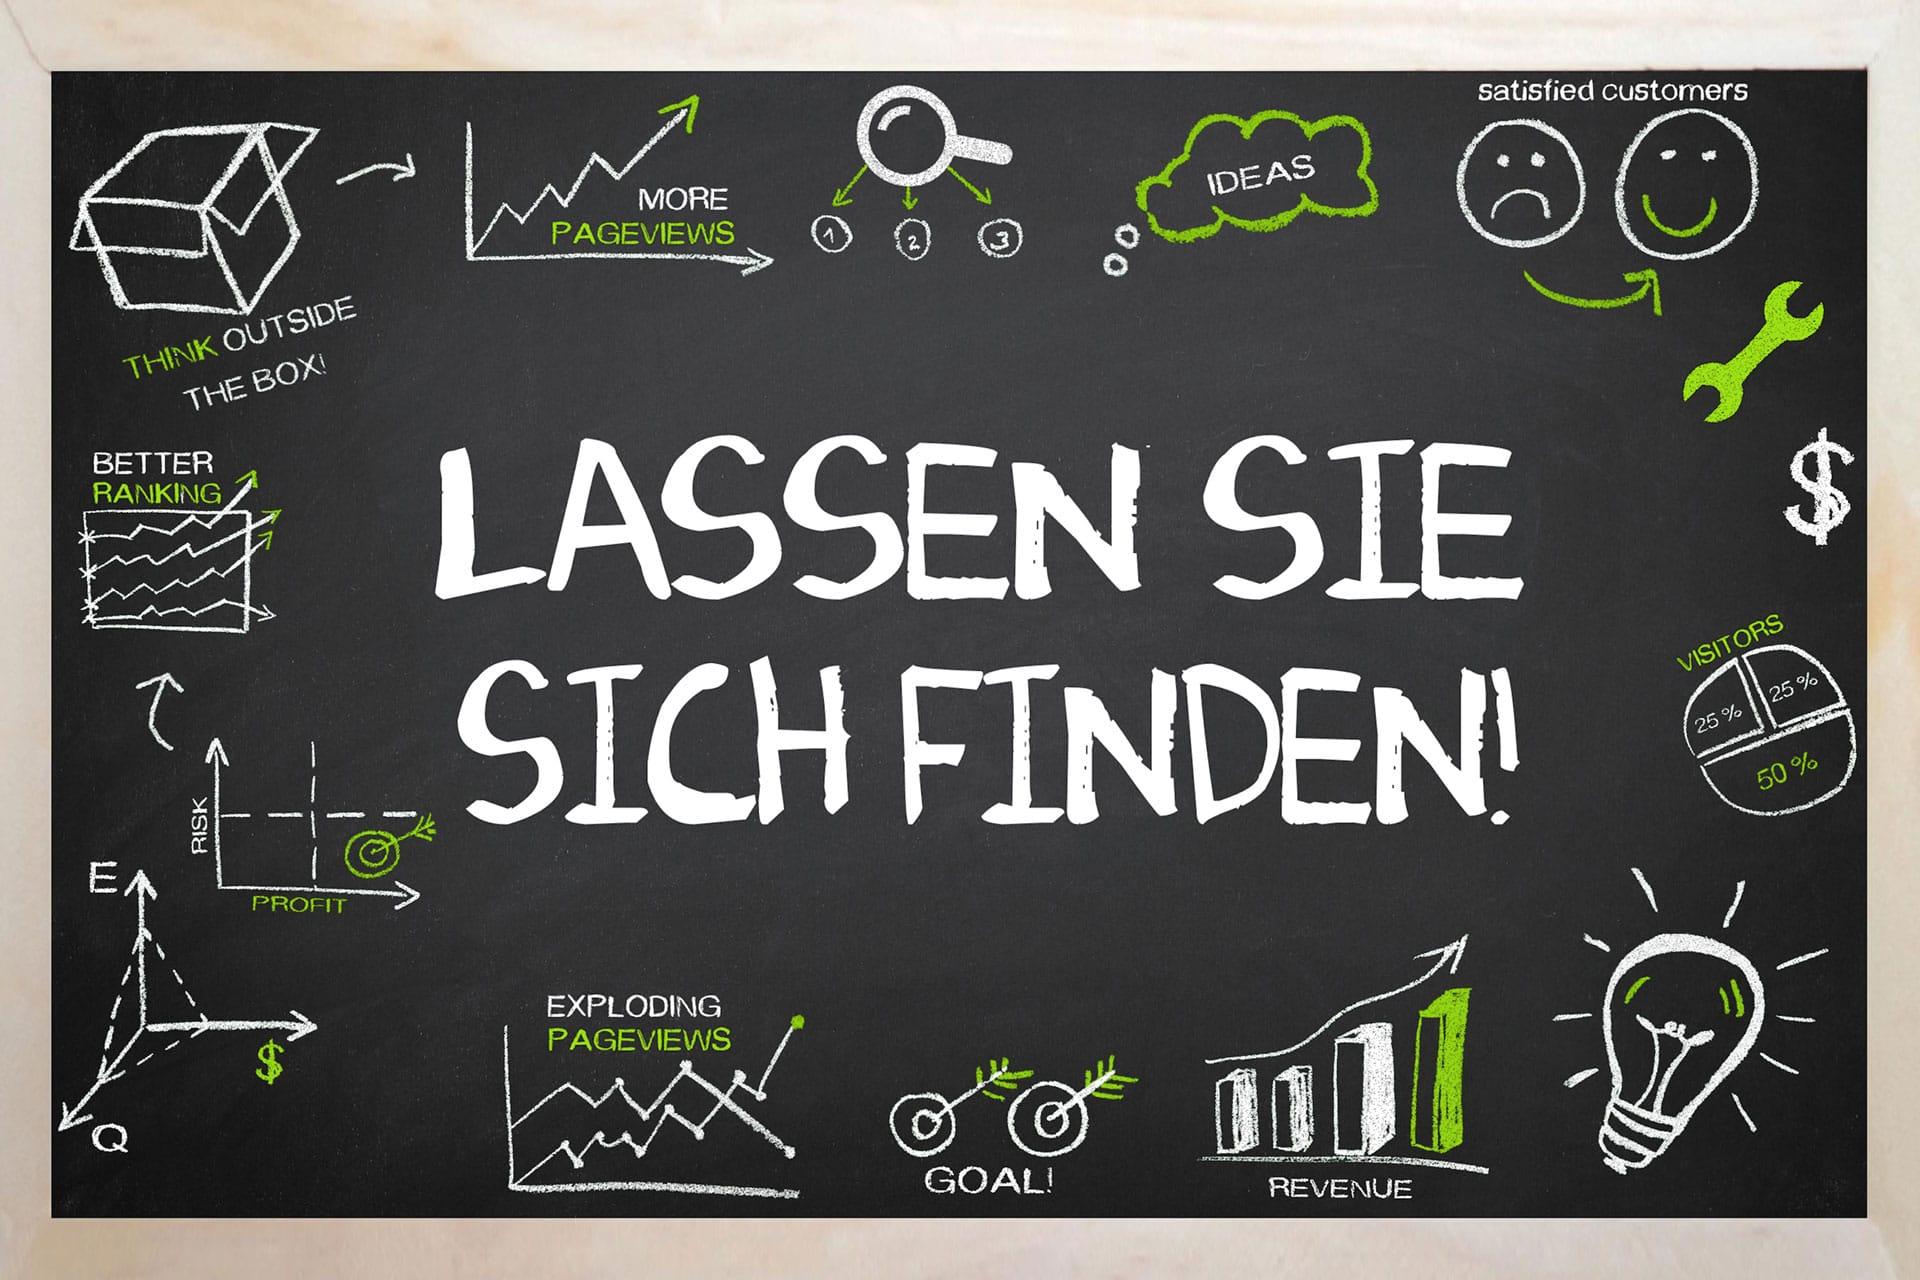 Das Blizz Branchenverzeichnis Ihre digitale Visitenkarte auf Blizz-Regensburg.de